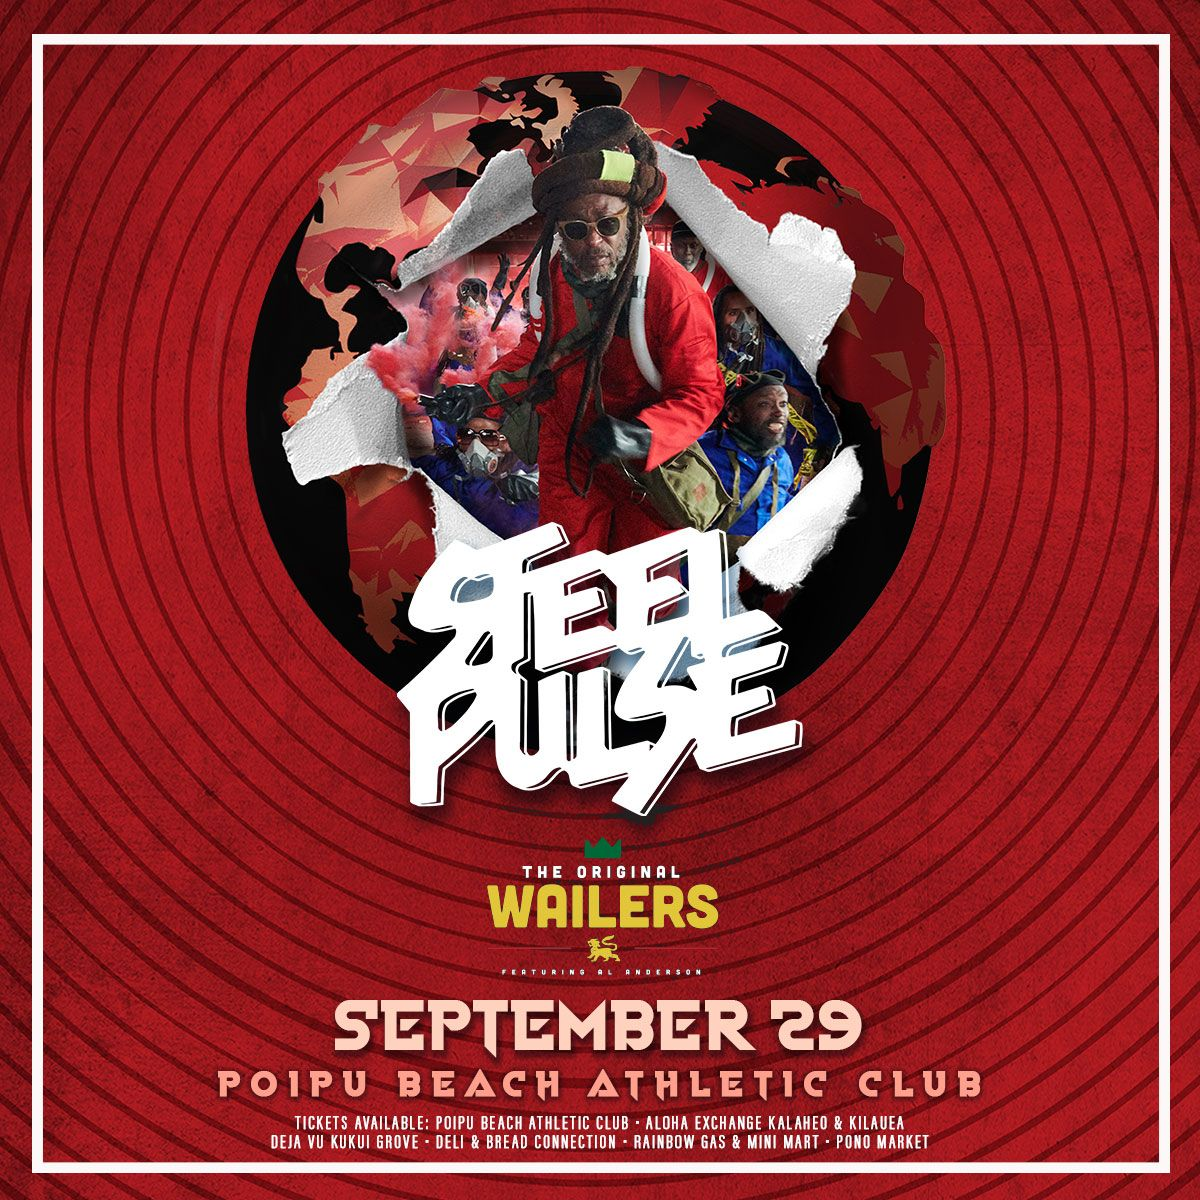 SteelPulse_OriginalWailers_KAUAI.jpg